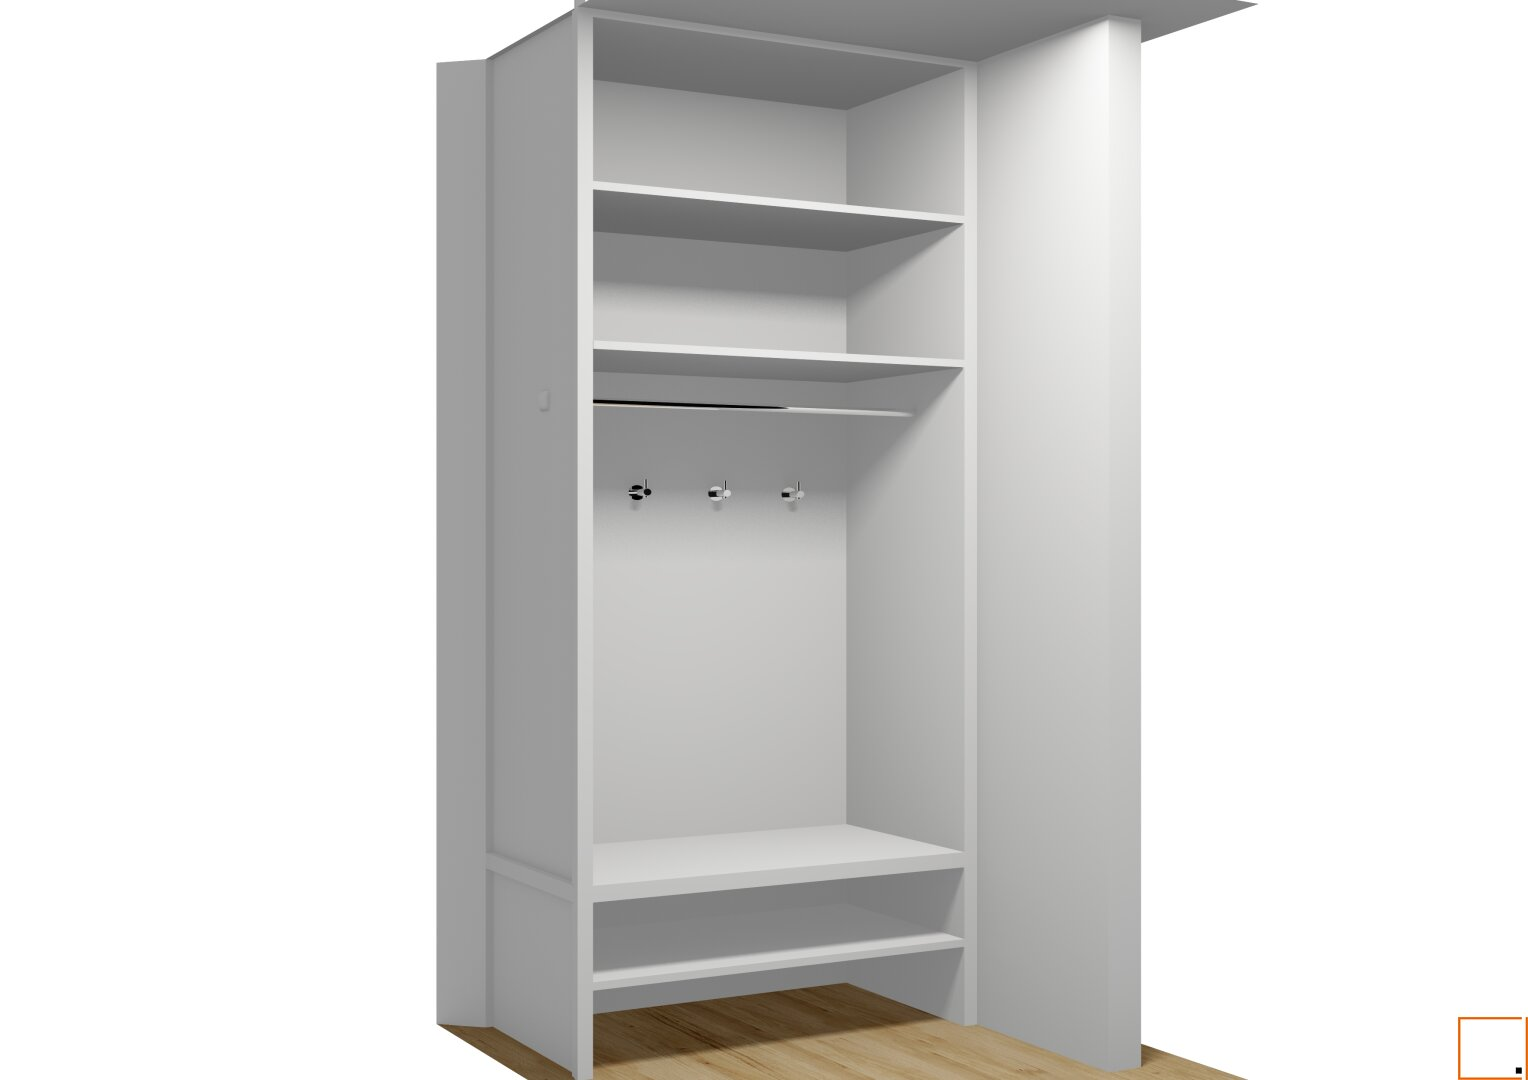 Visualisierung Garderobe Vorraum